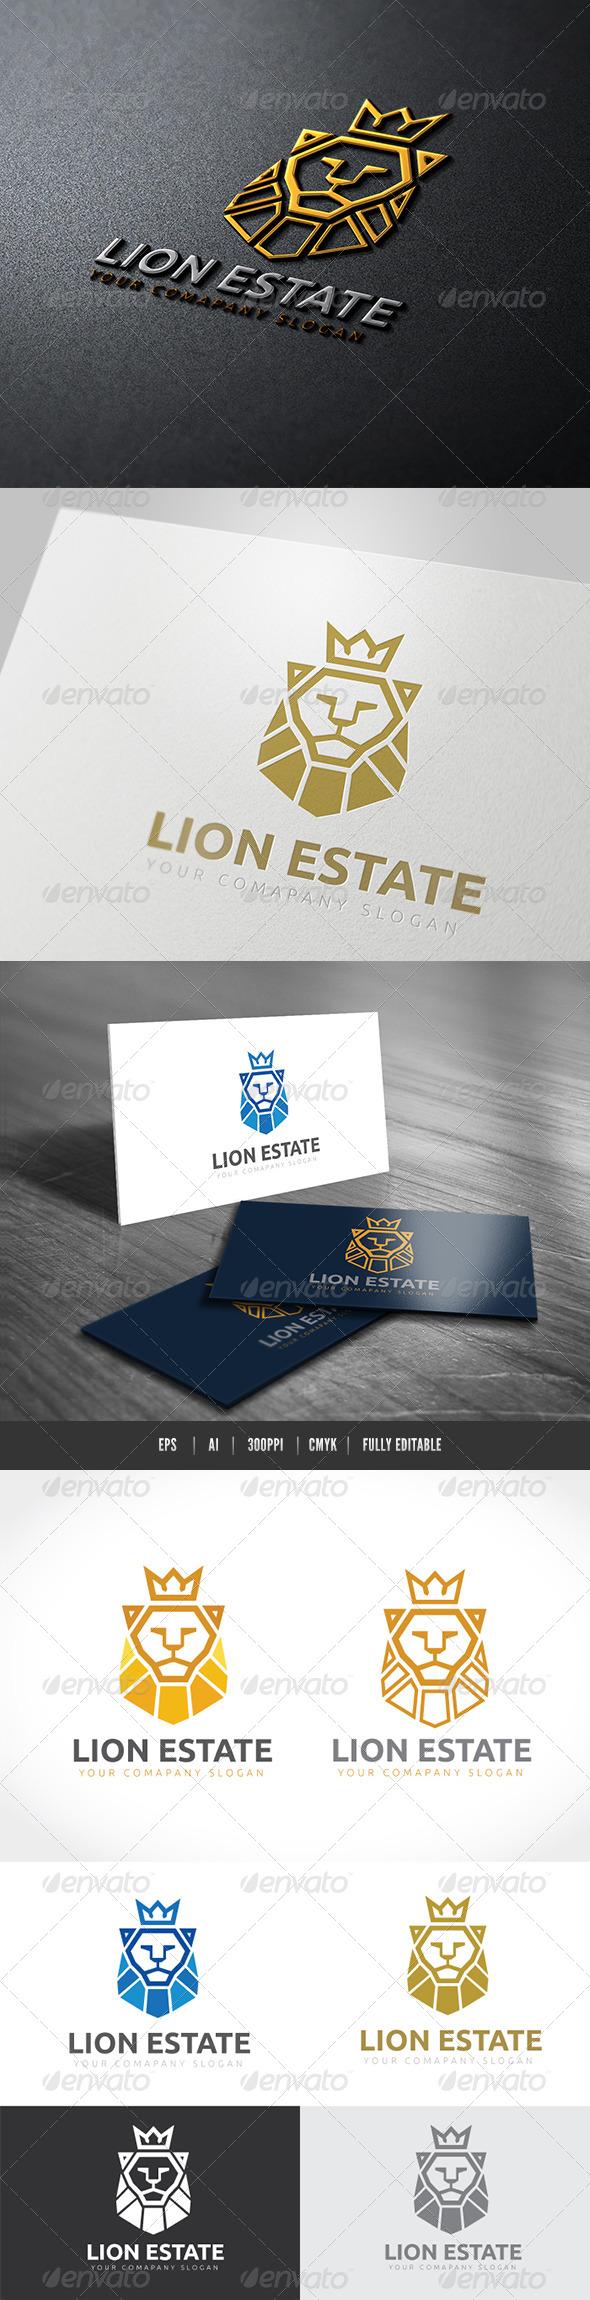 Lion Estate